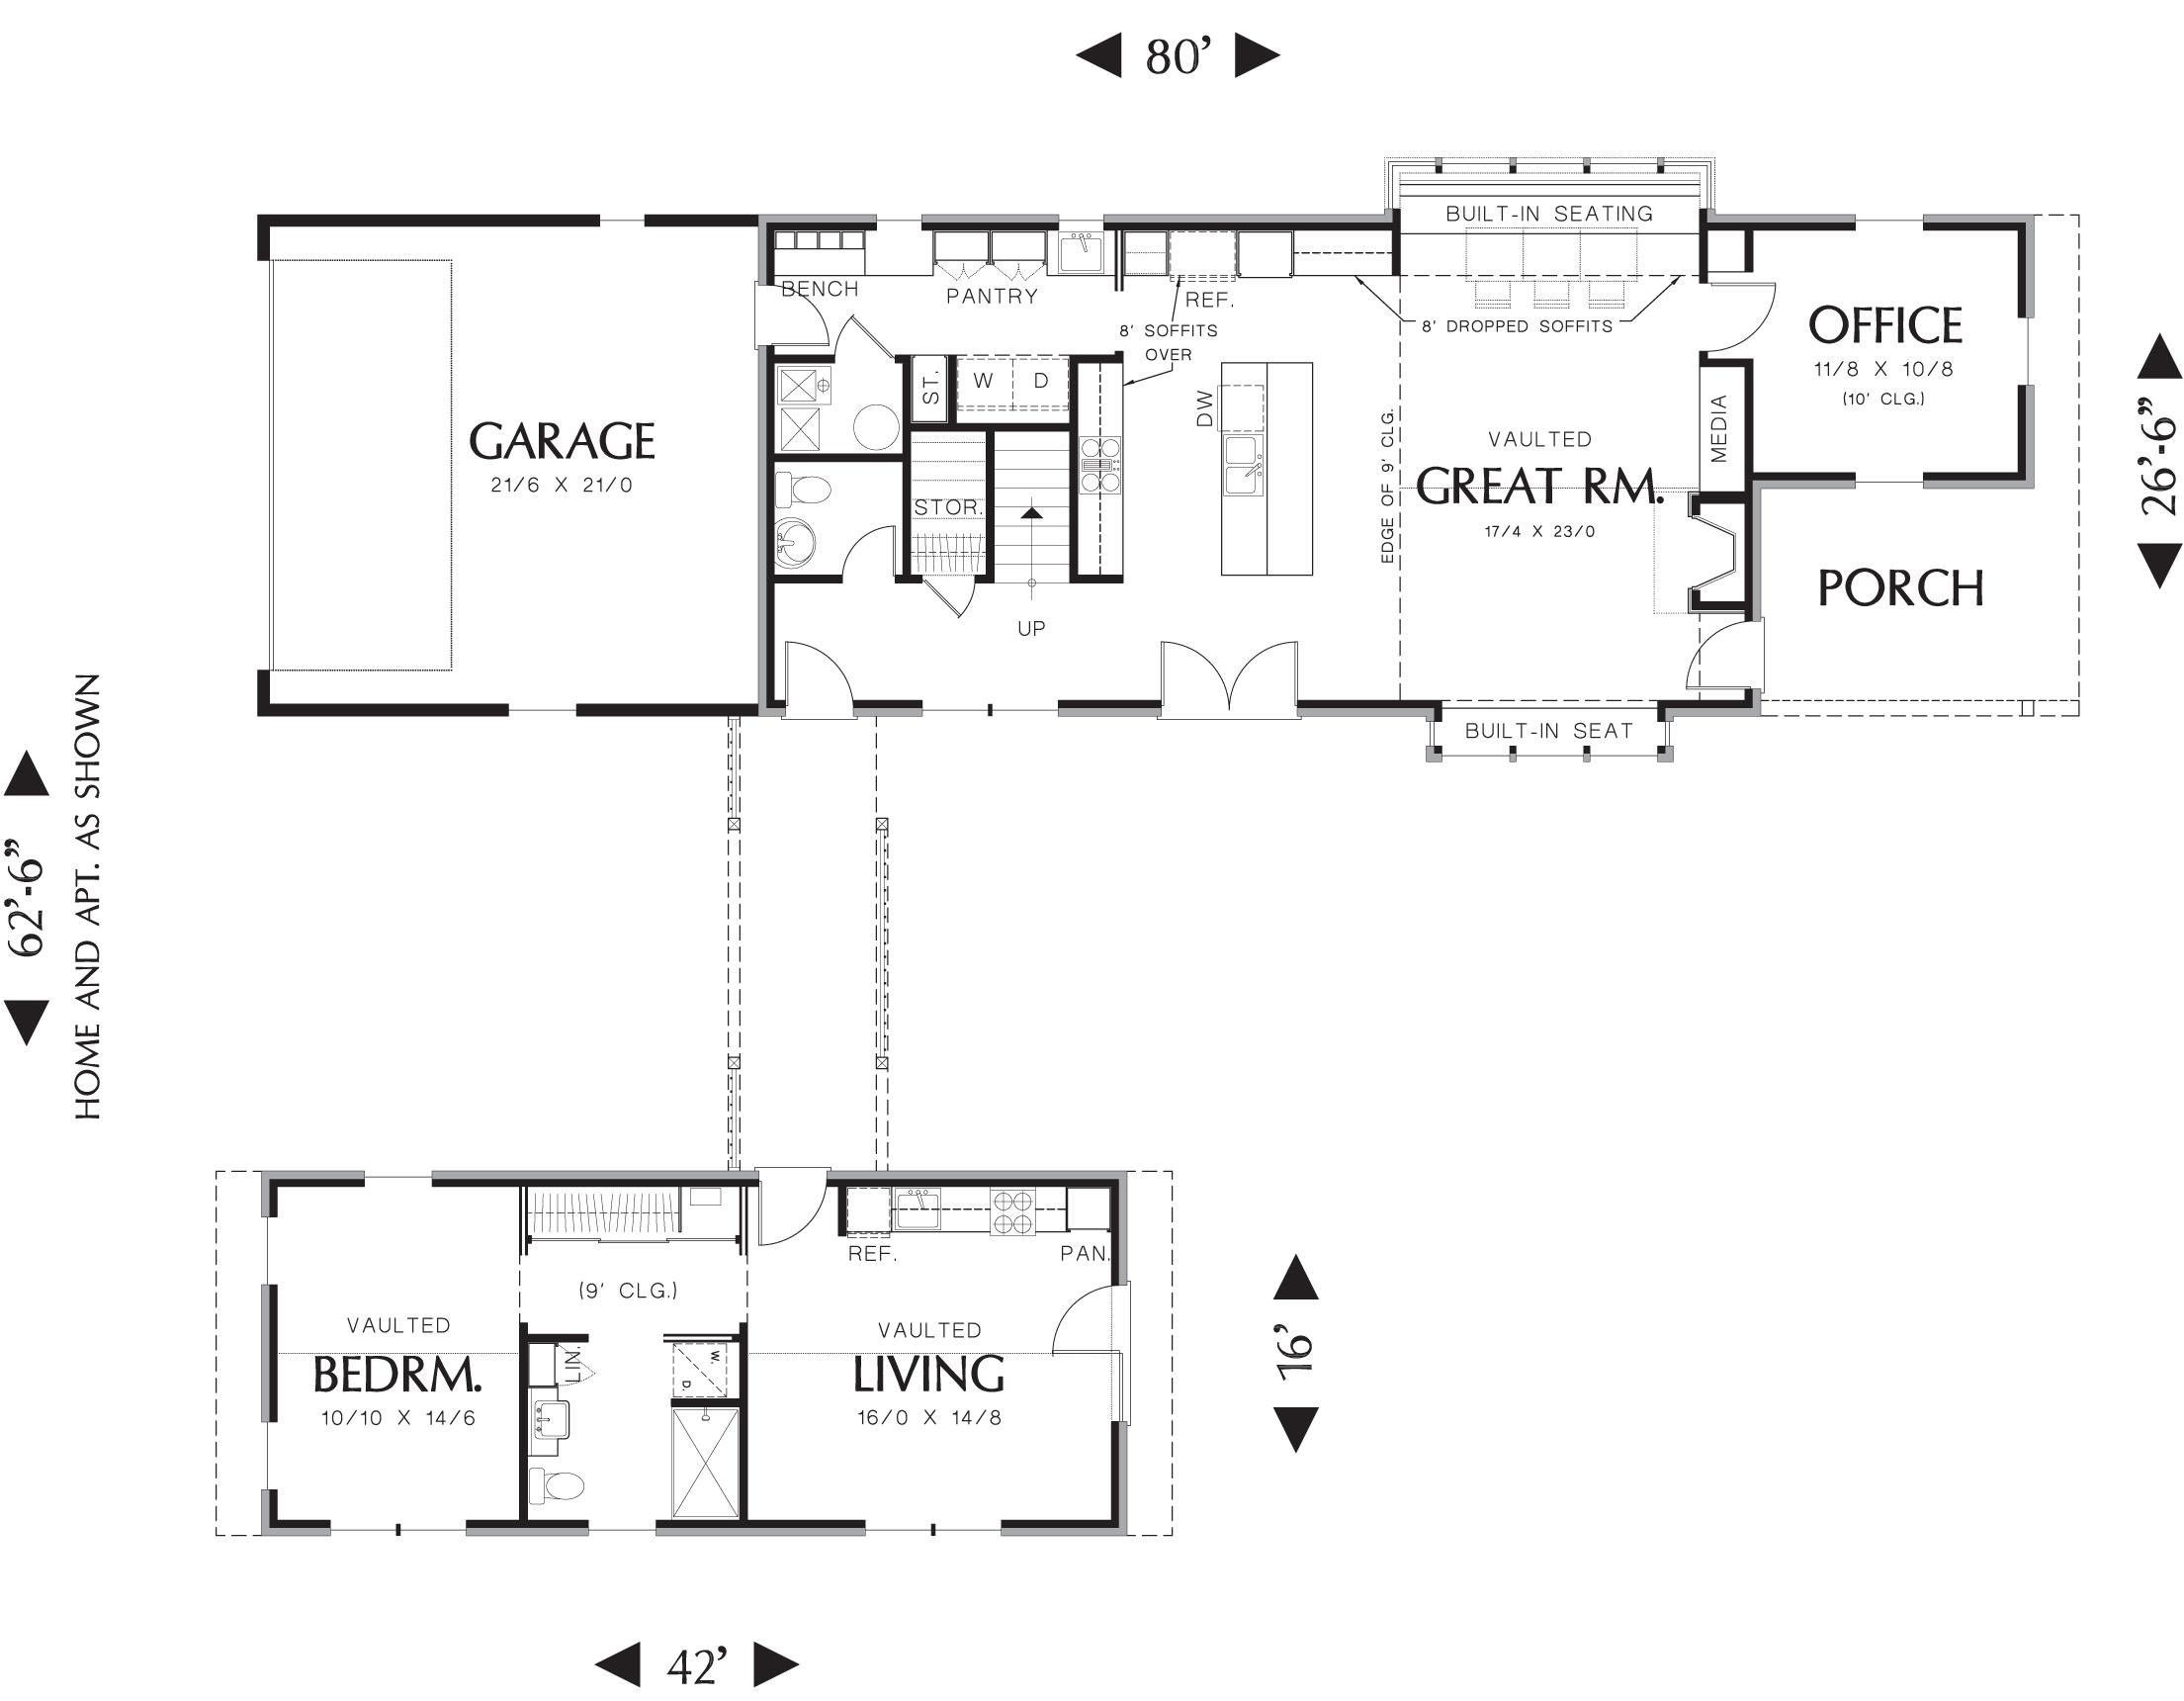 House thomaston house plan green builder house plans for Builder house plans com